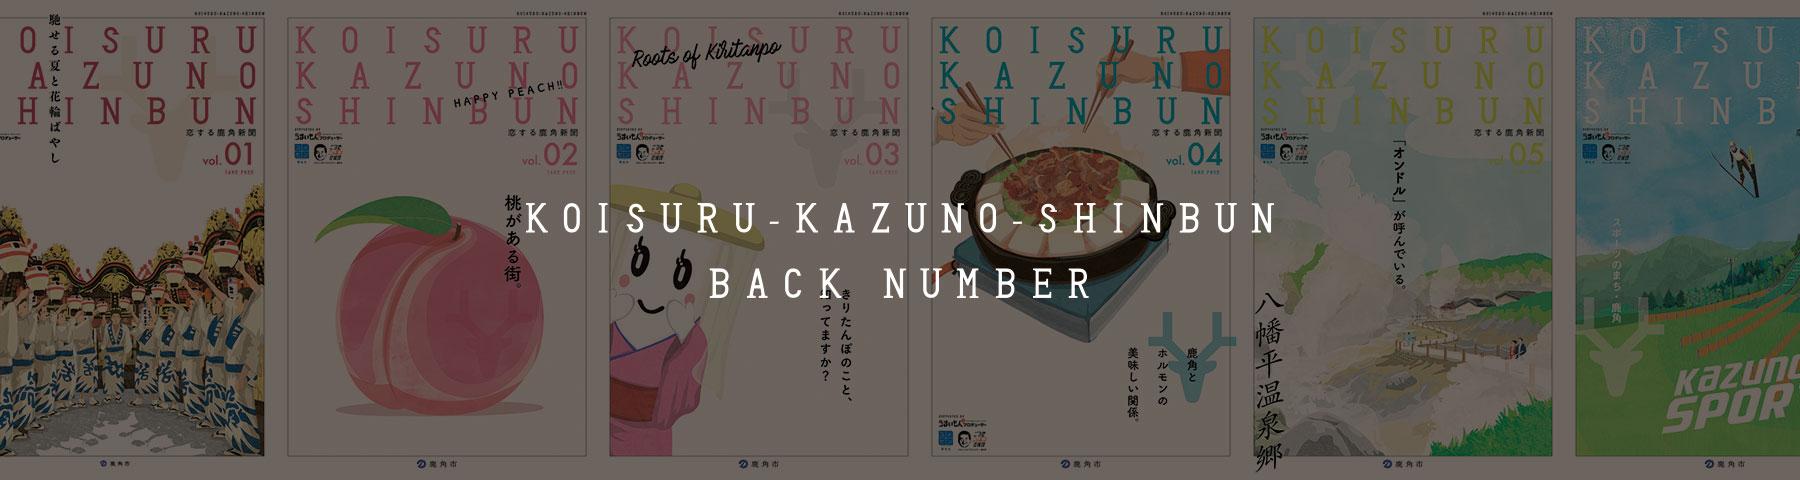 KOISURU-KAZUNO-SHINBUN BACK NUMBER